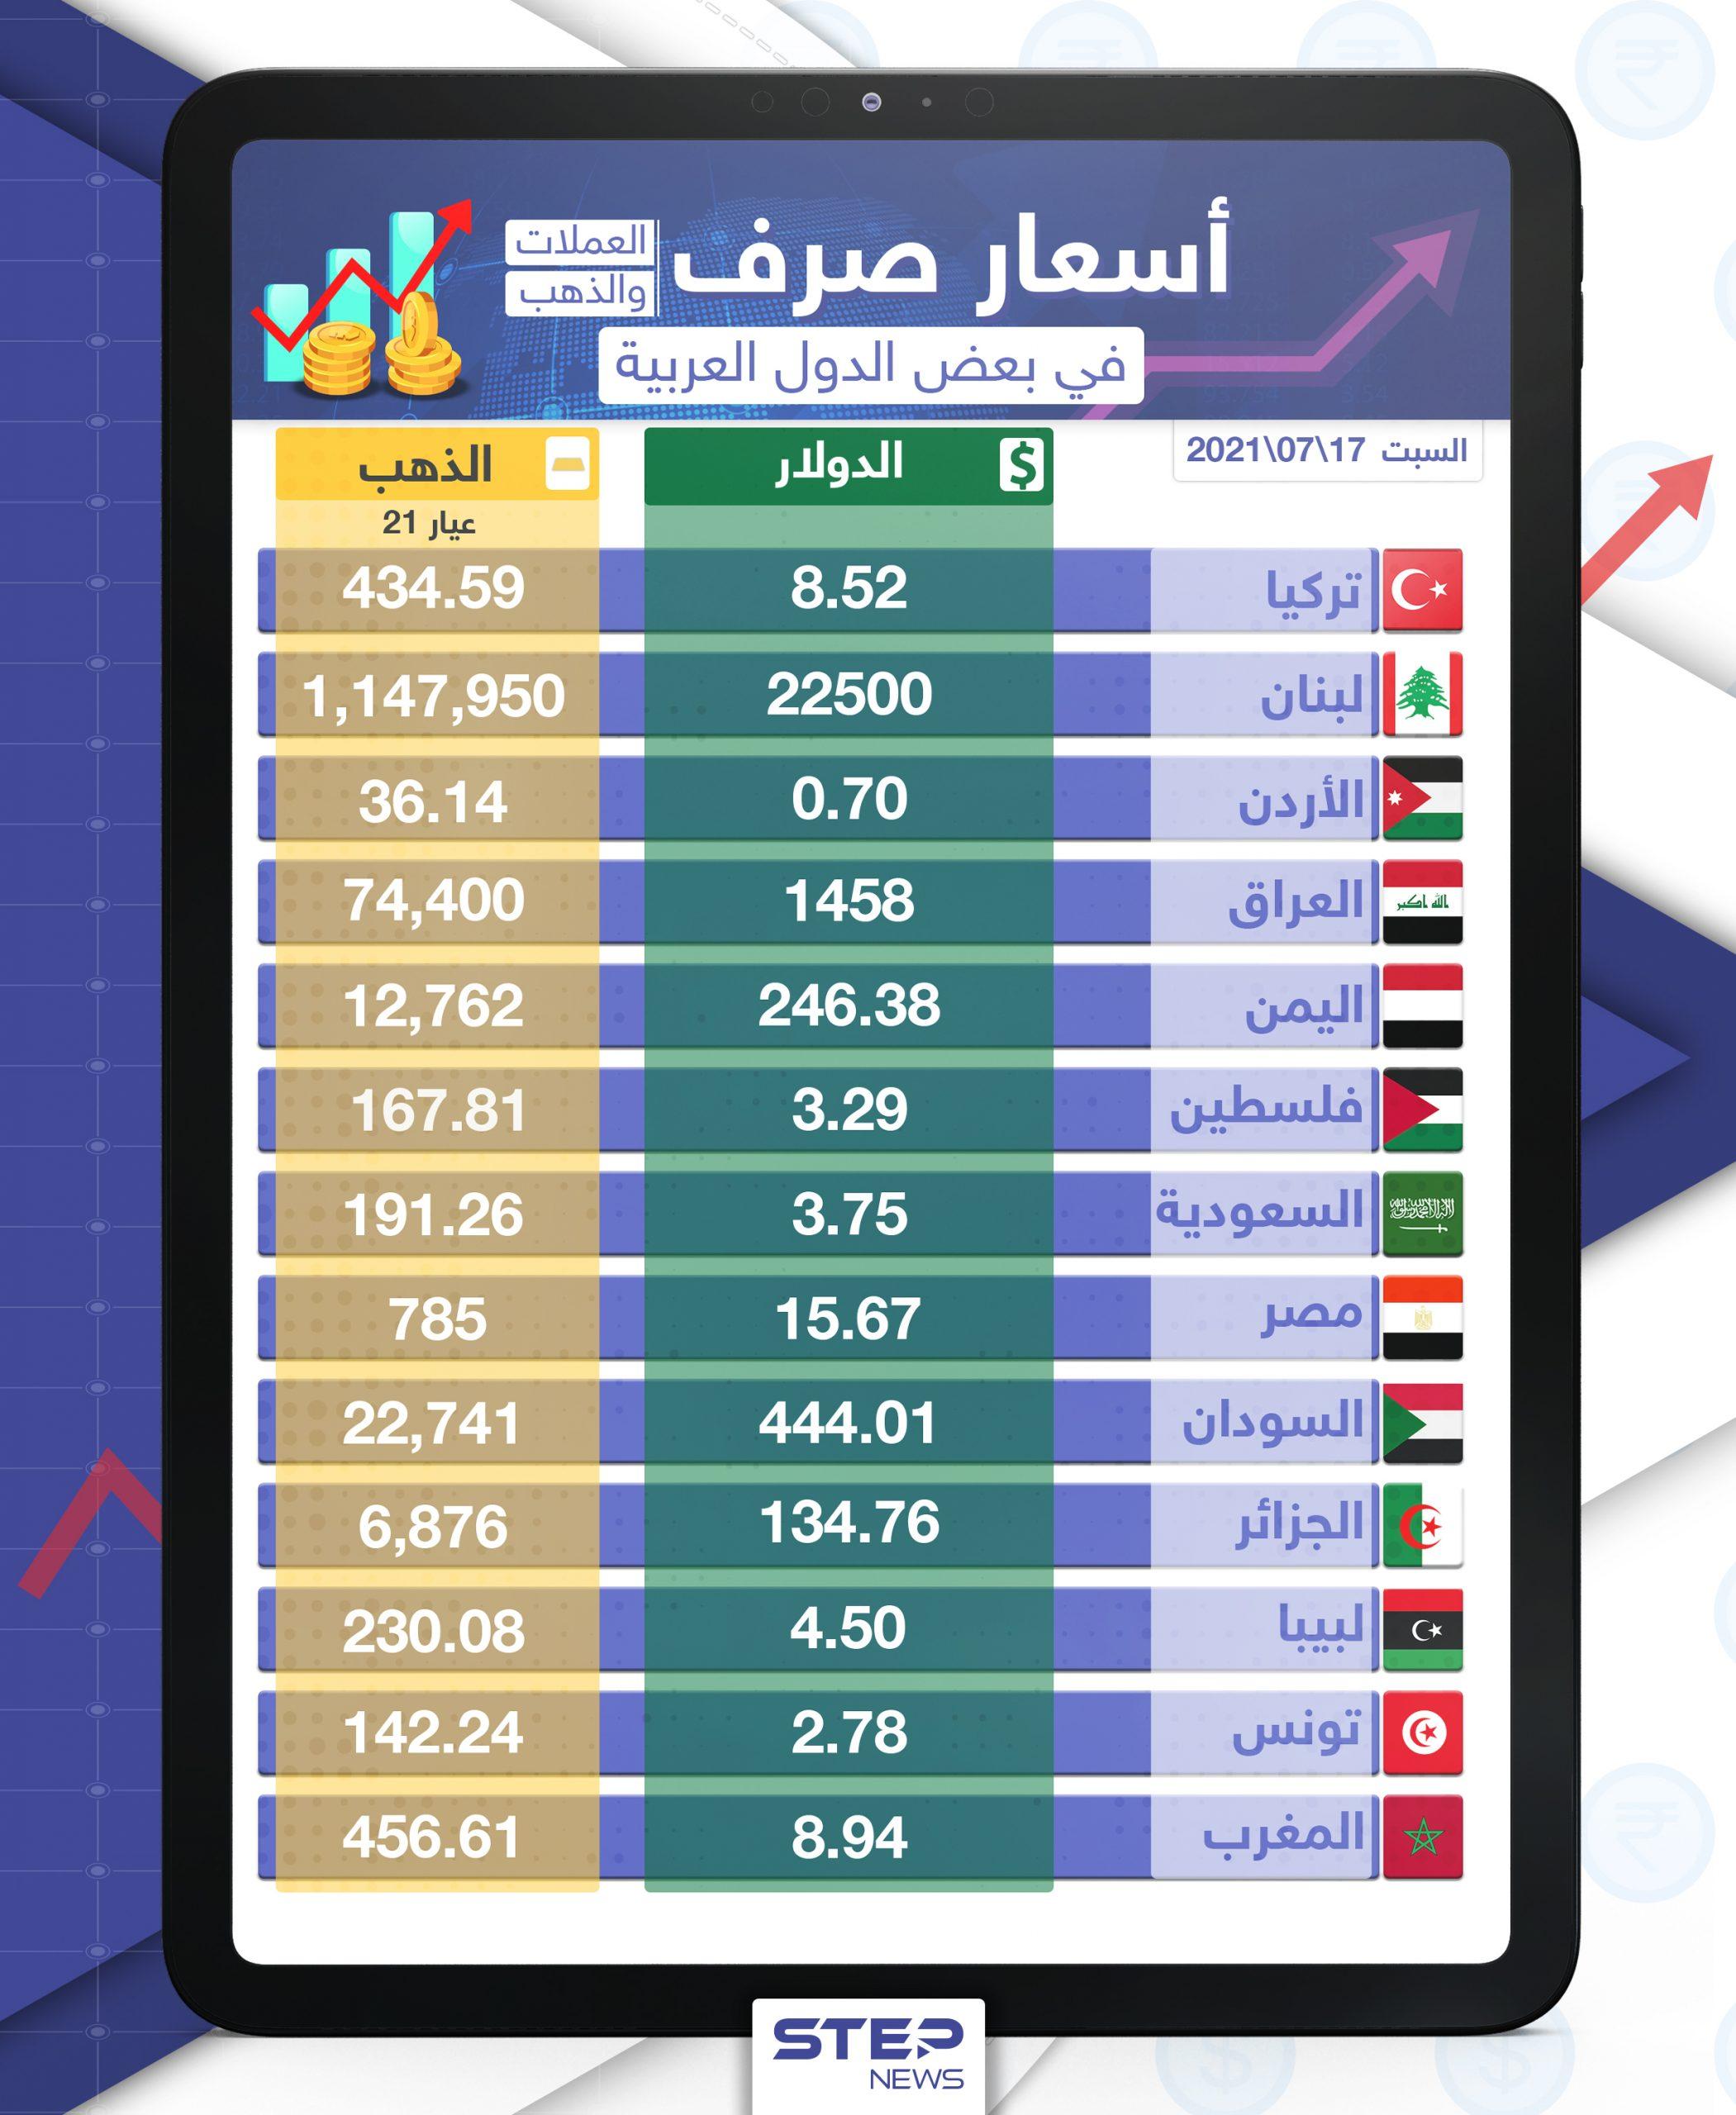 أسعار الذهب والعملات للدول العربية وتركيا اليوم السبت الموافق 17 تموز 2021